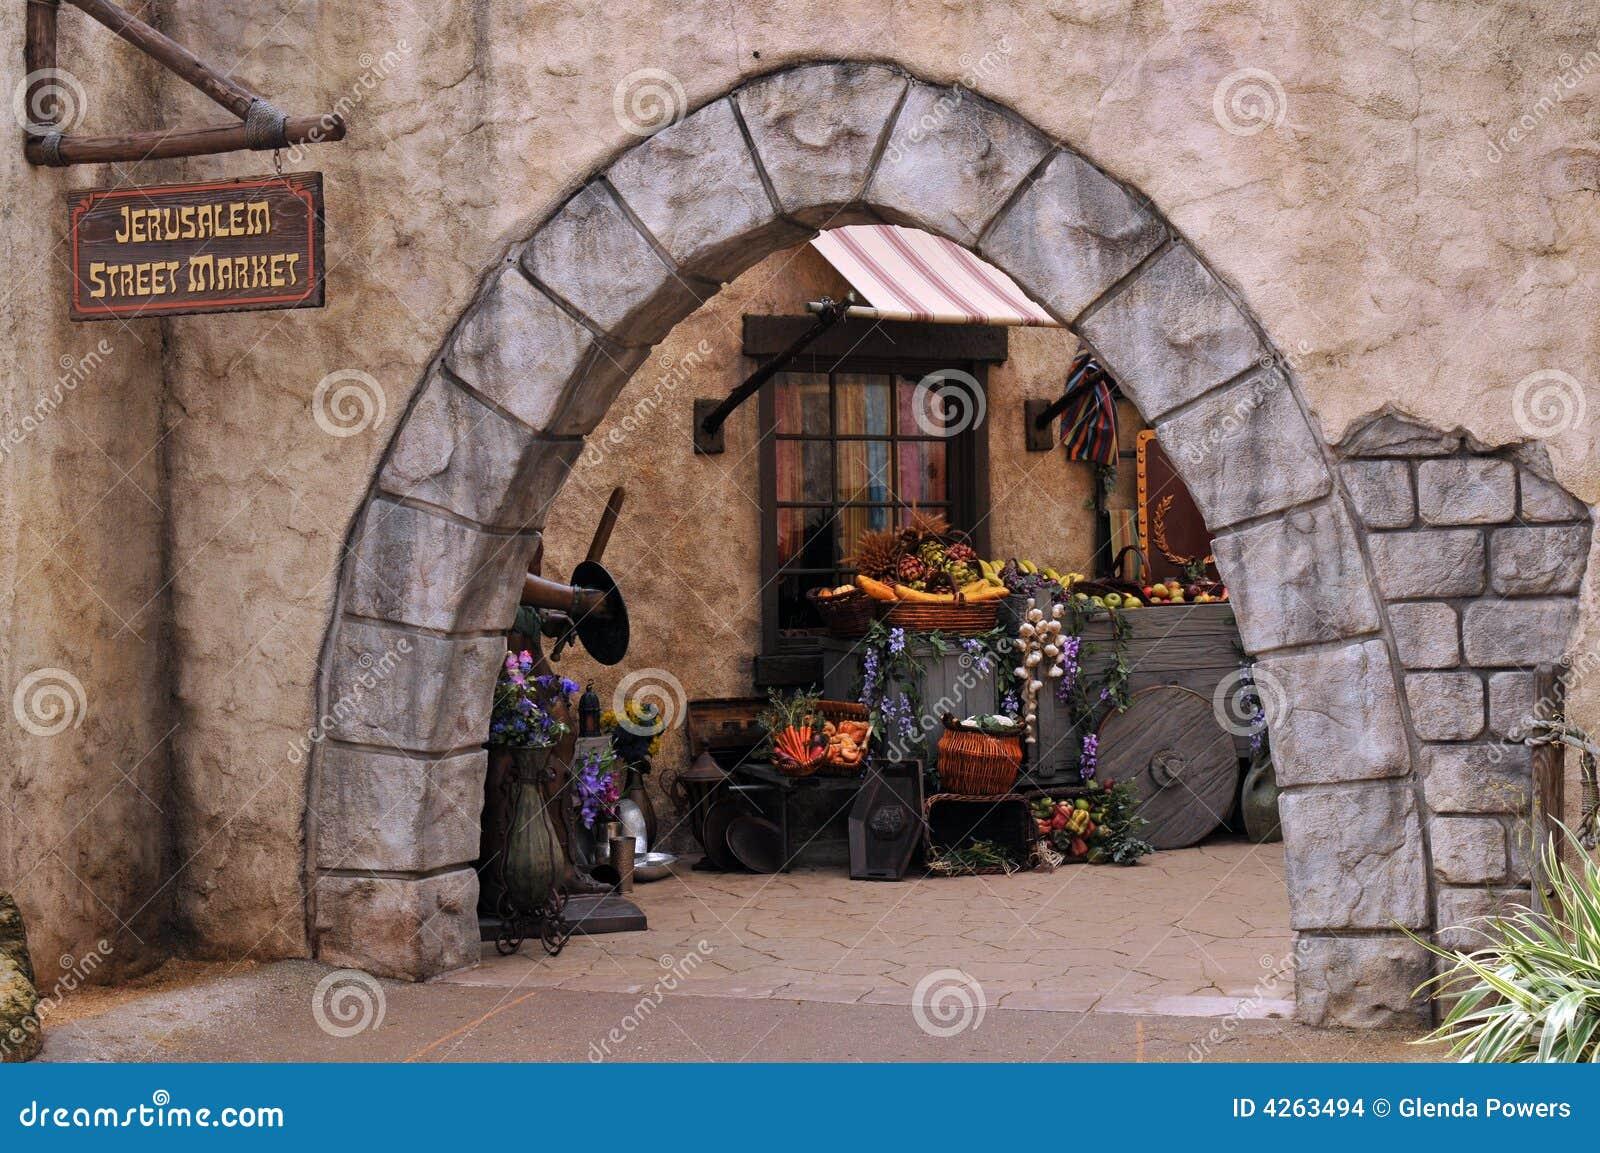 De Markt van de Straat van Jeruzalem